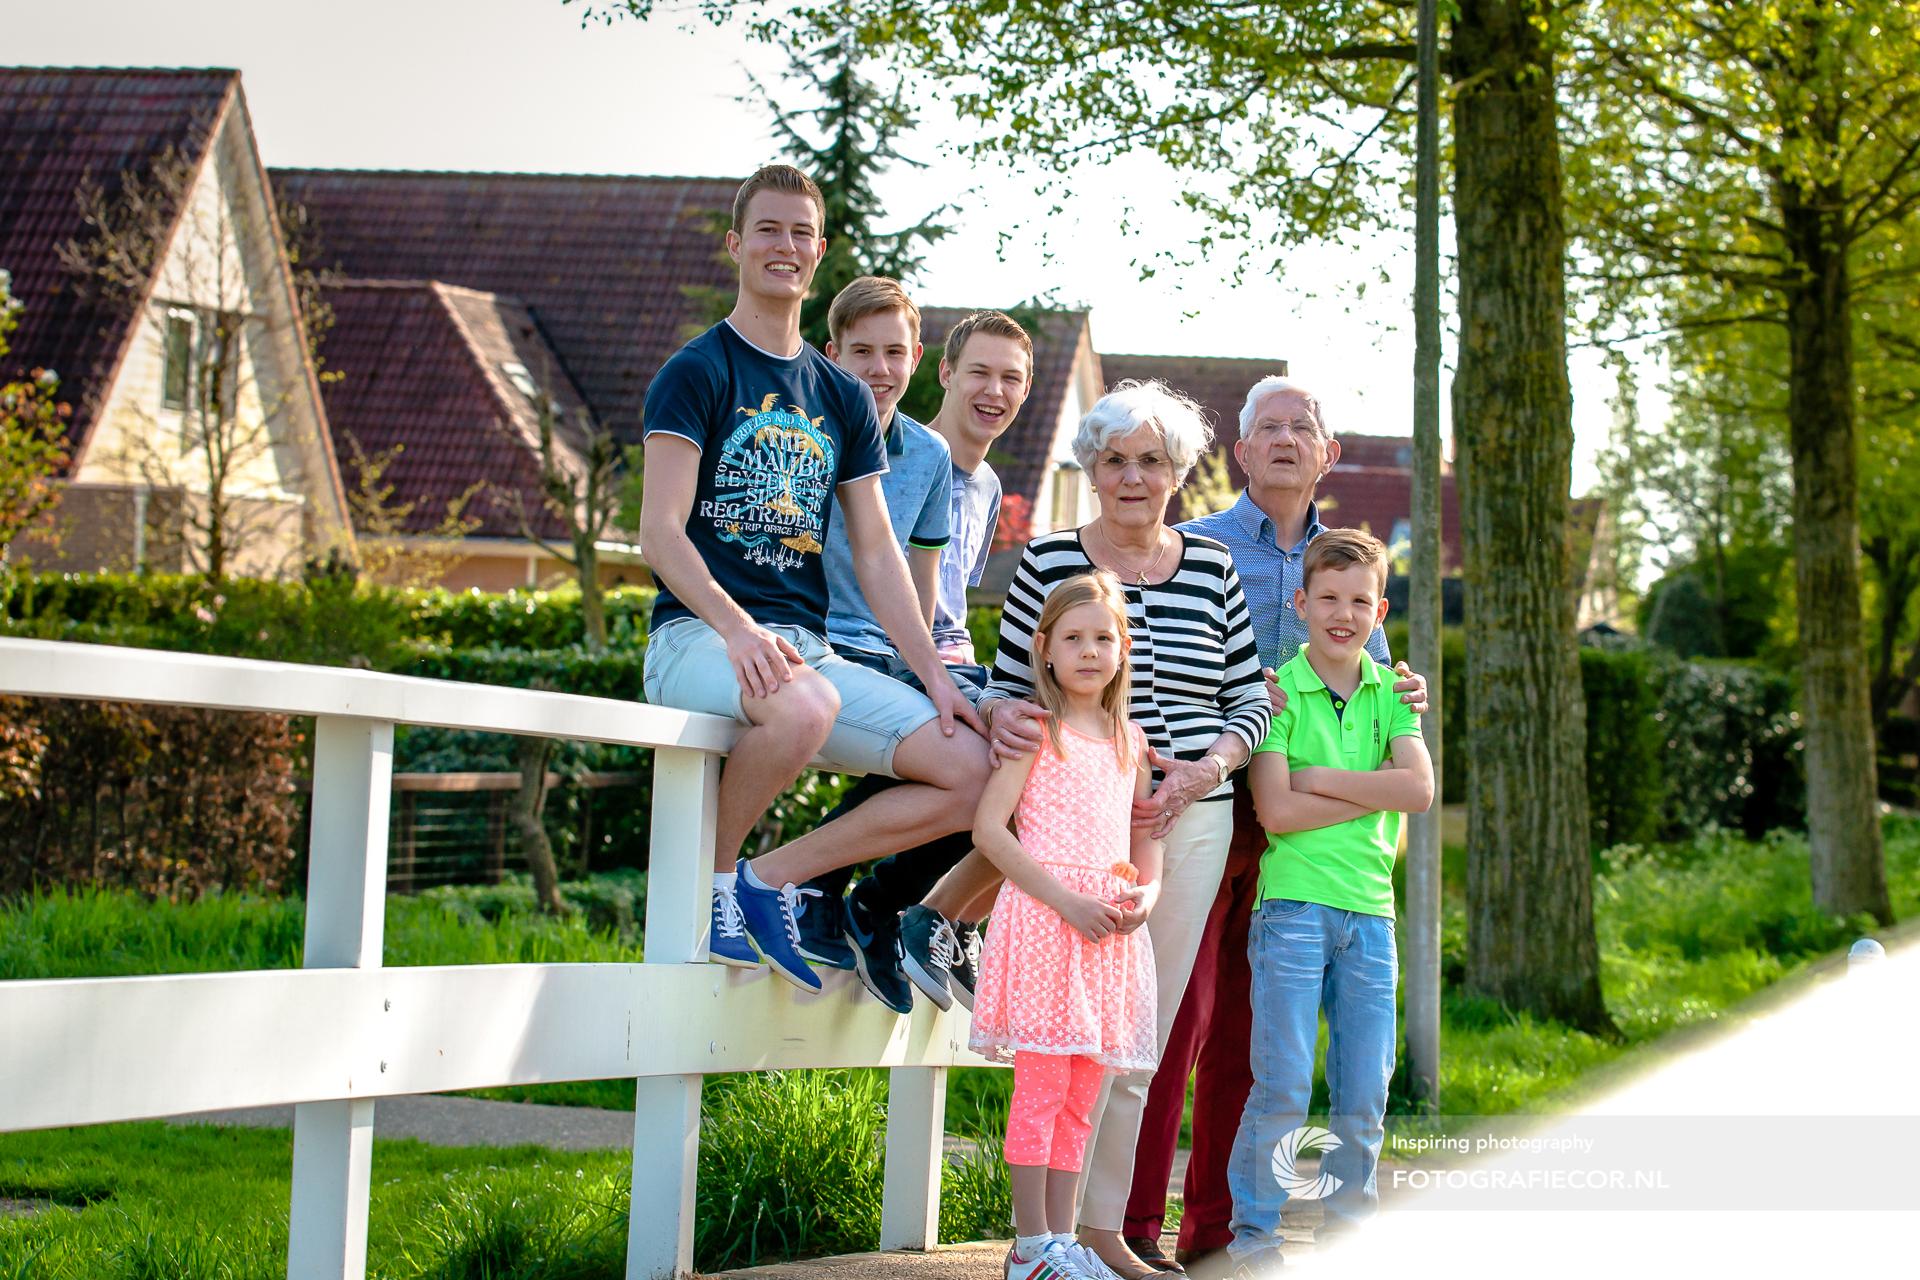 Kleinkinderen | Fotoshoot Kinderen | Vrolijk | Spontaan | Opa | Oma | familiefoto maken Kampen | familie fotoshoot op locatie